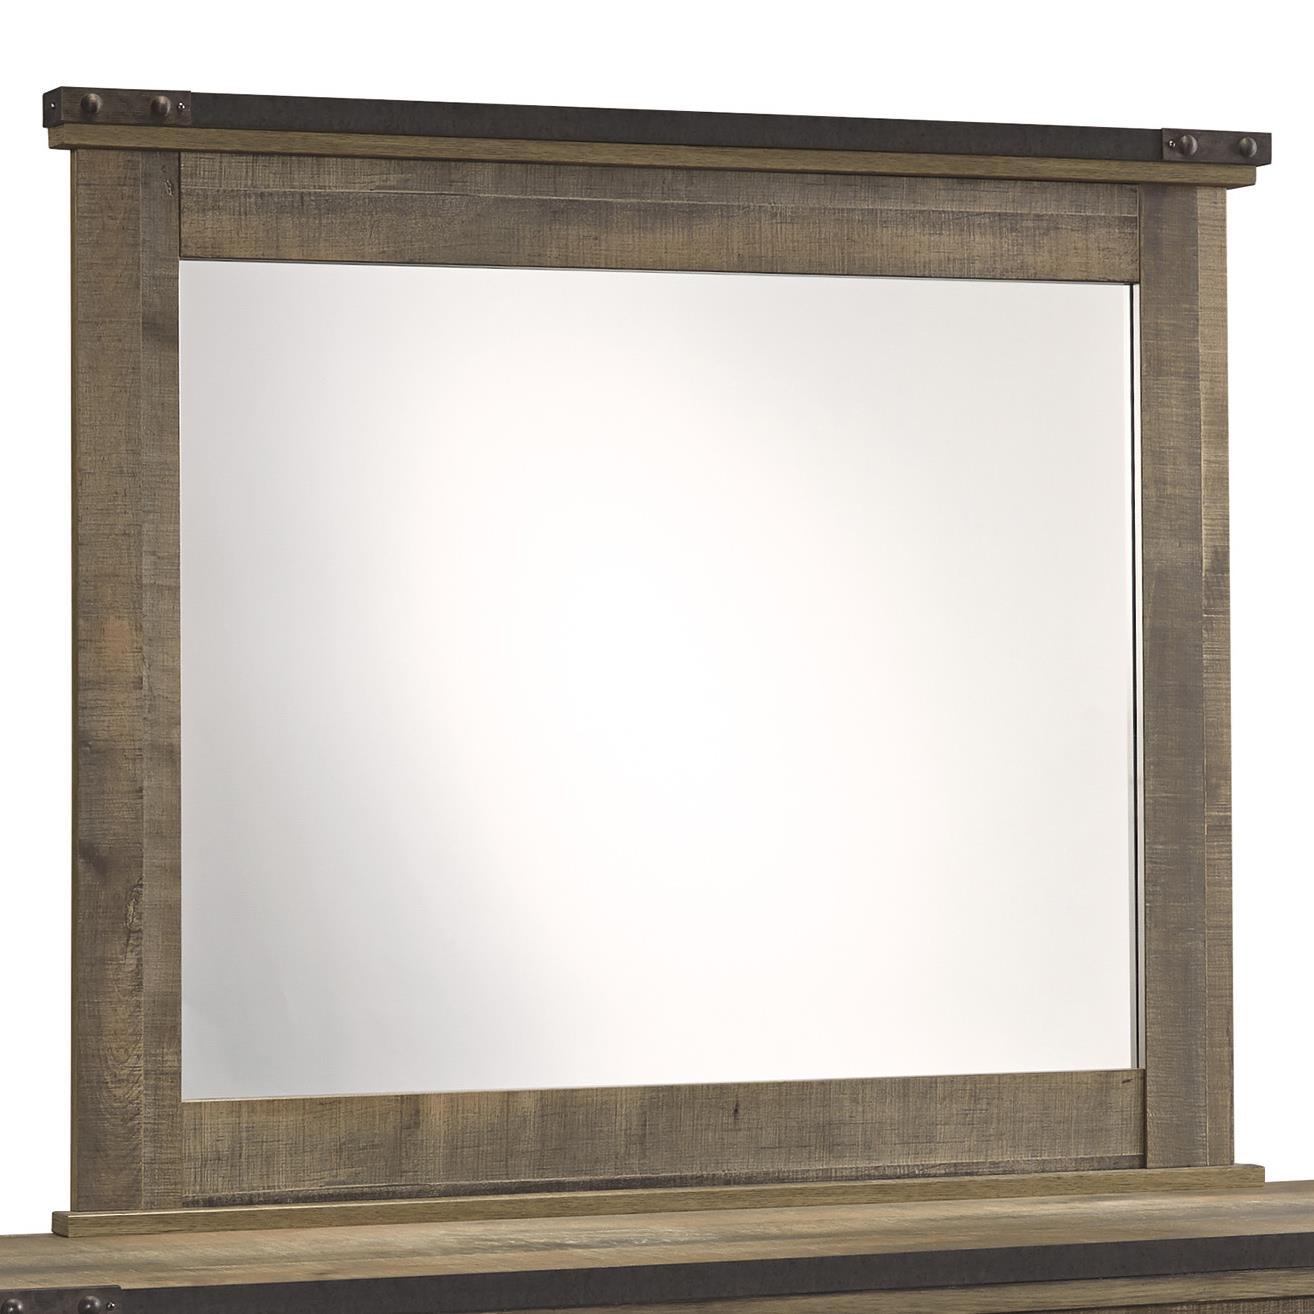 Rustic Bedroom Mirror with Top Metal Banding